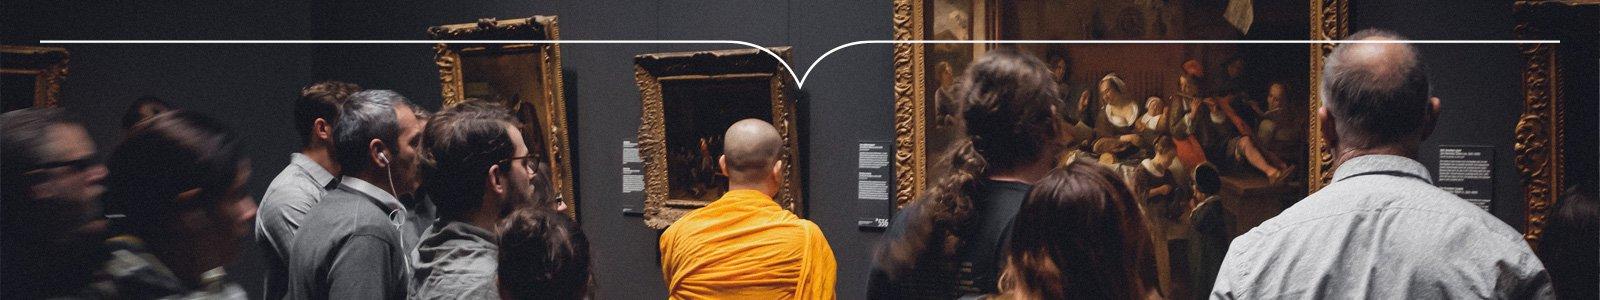 Kale monnik in oranje toga staat tussen toeristen voor een schilderij in een museum